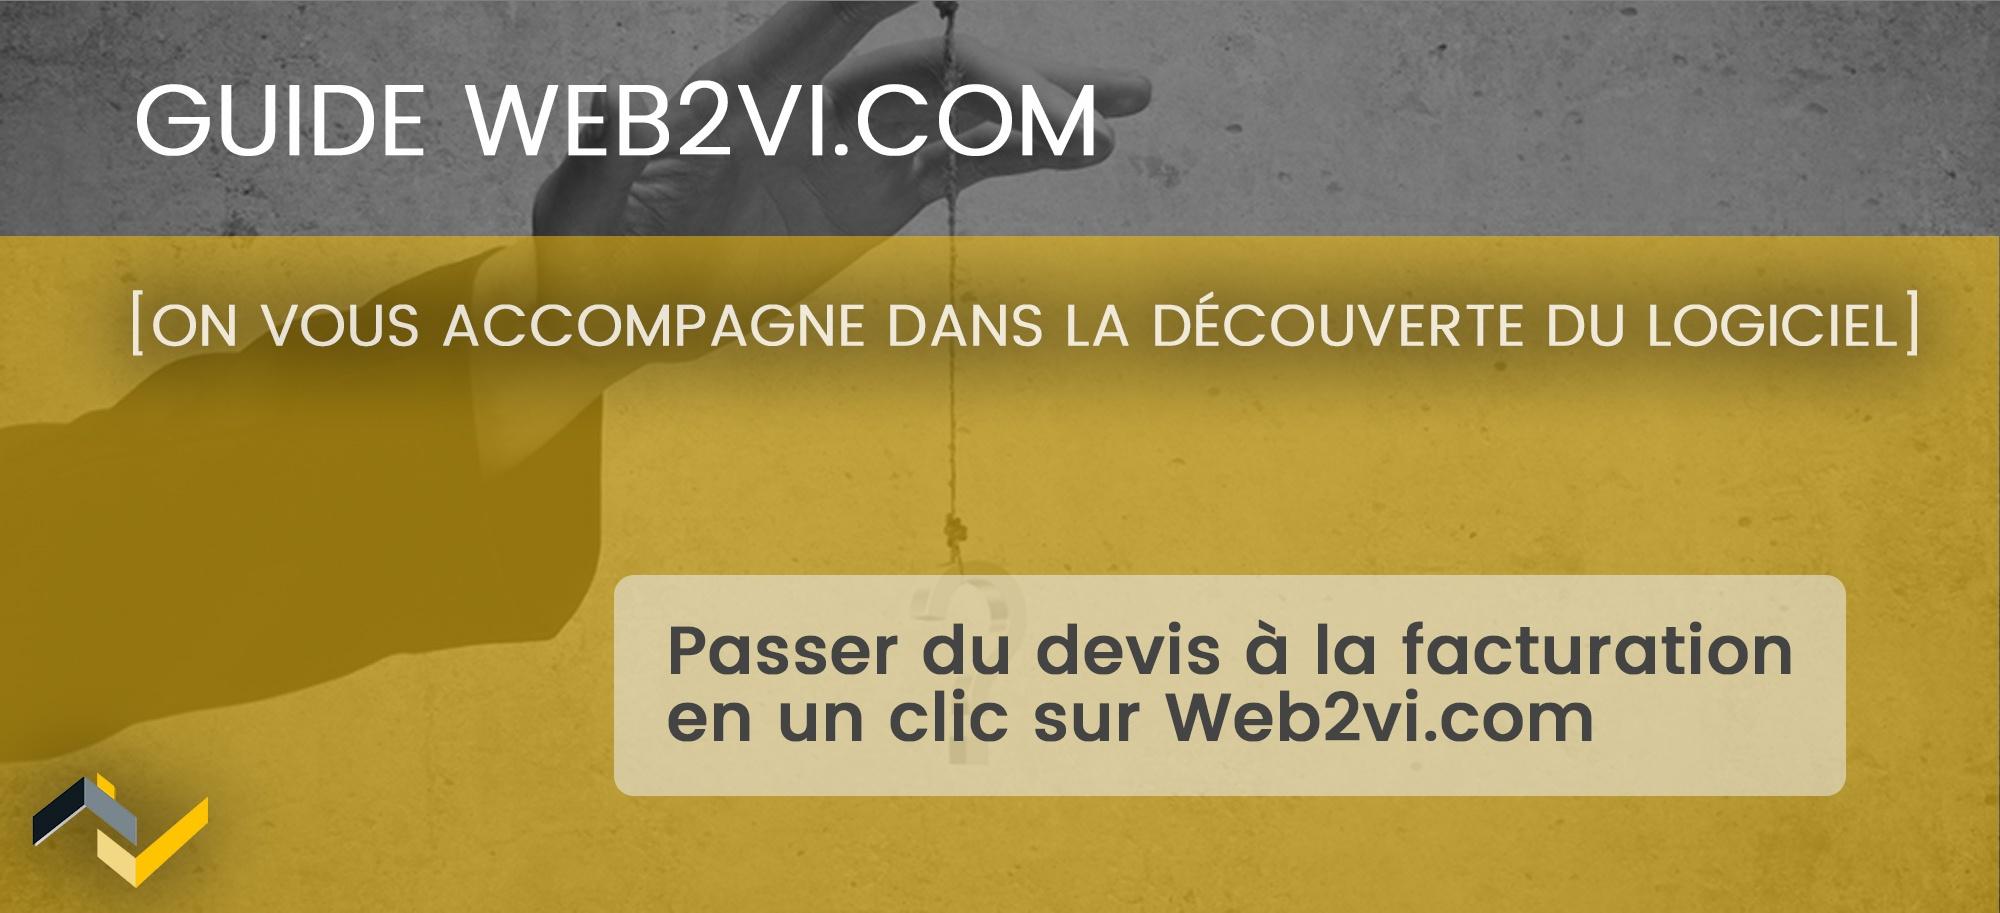 Passer du devis à la facturation en un clic sur Web2vi.com